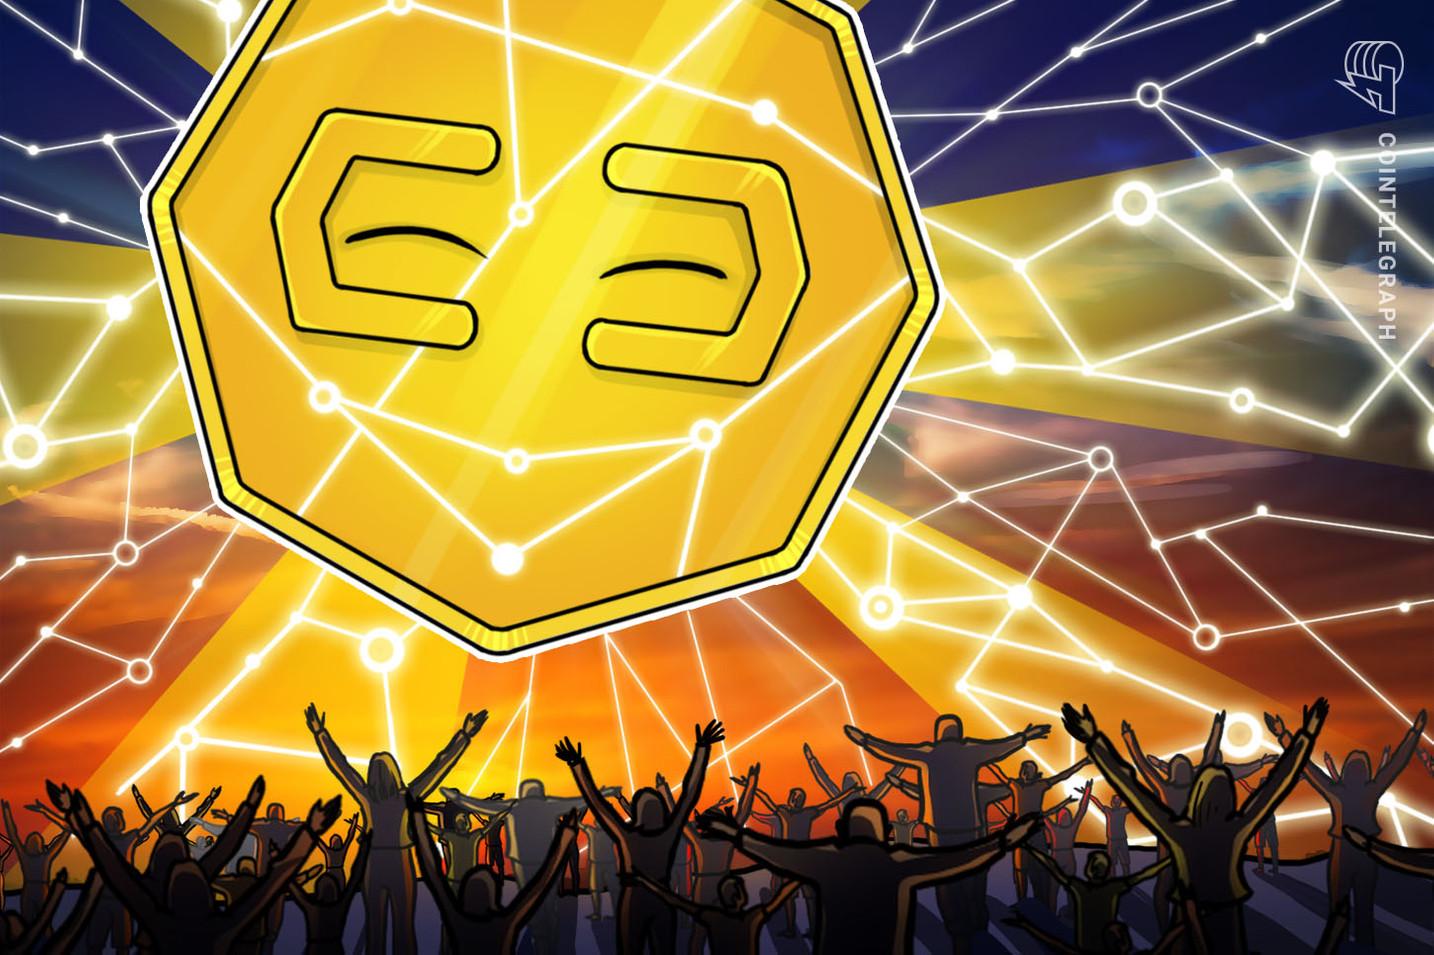 仮想通貨決済のサークル、「タックス・ヘイヴン」英領バミューダに子会社設立 | 傘下取引所ポロニエックスの新サービス提供に向け